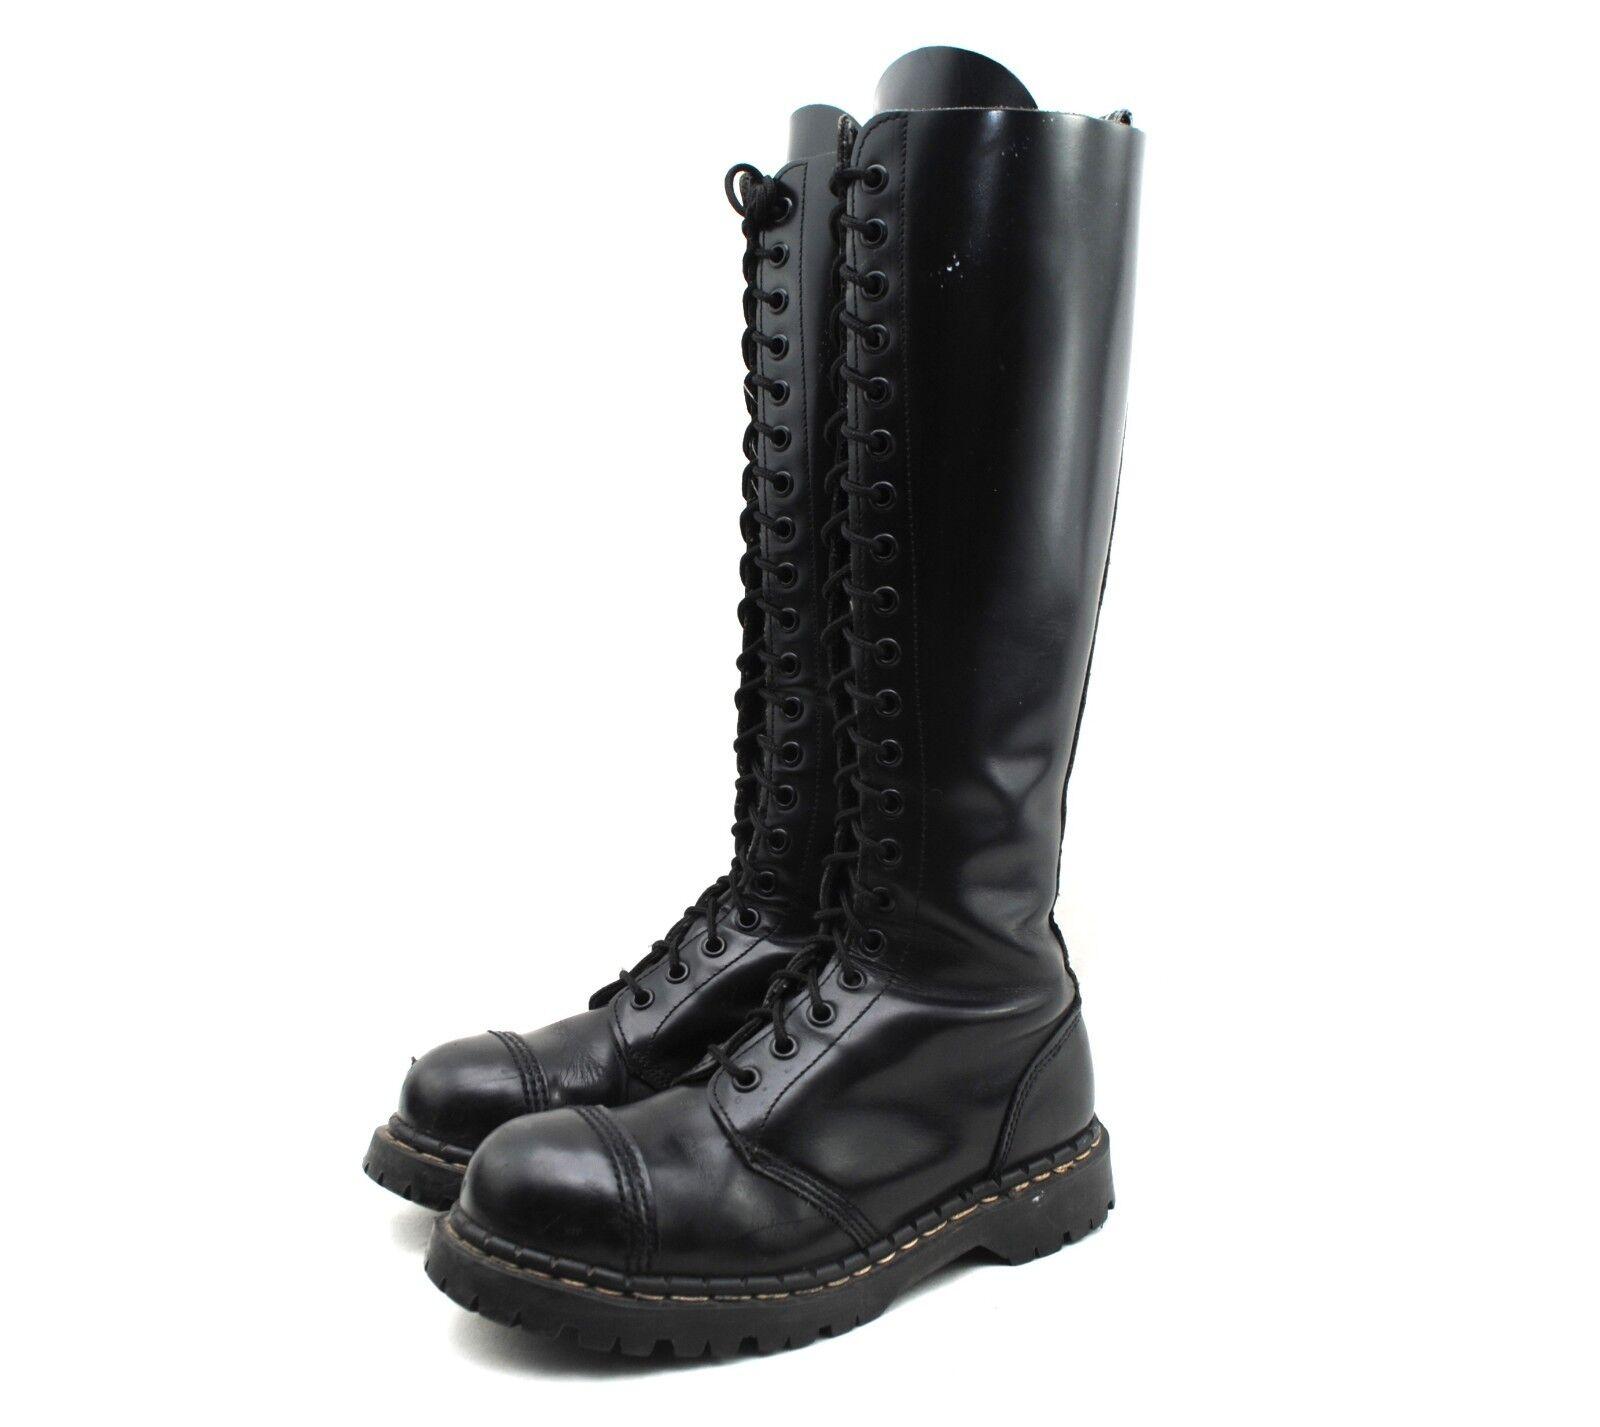 vendendo bene in tutto il mondo Vintage Vintage Vintage GRIPFAST nero Leather 20 Eye Steel Toe Knee stivali   US Donna  7  prezzi più bassi